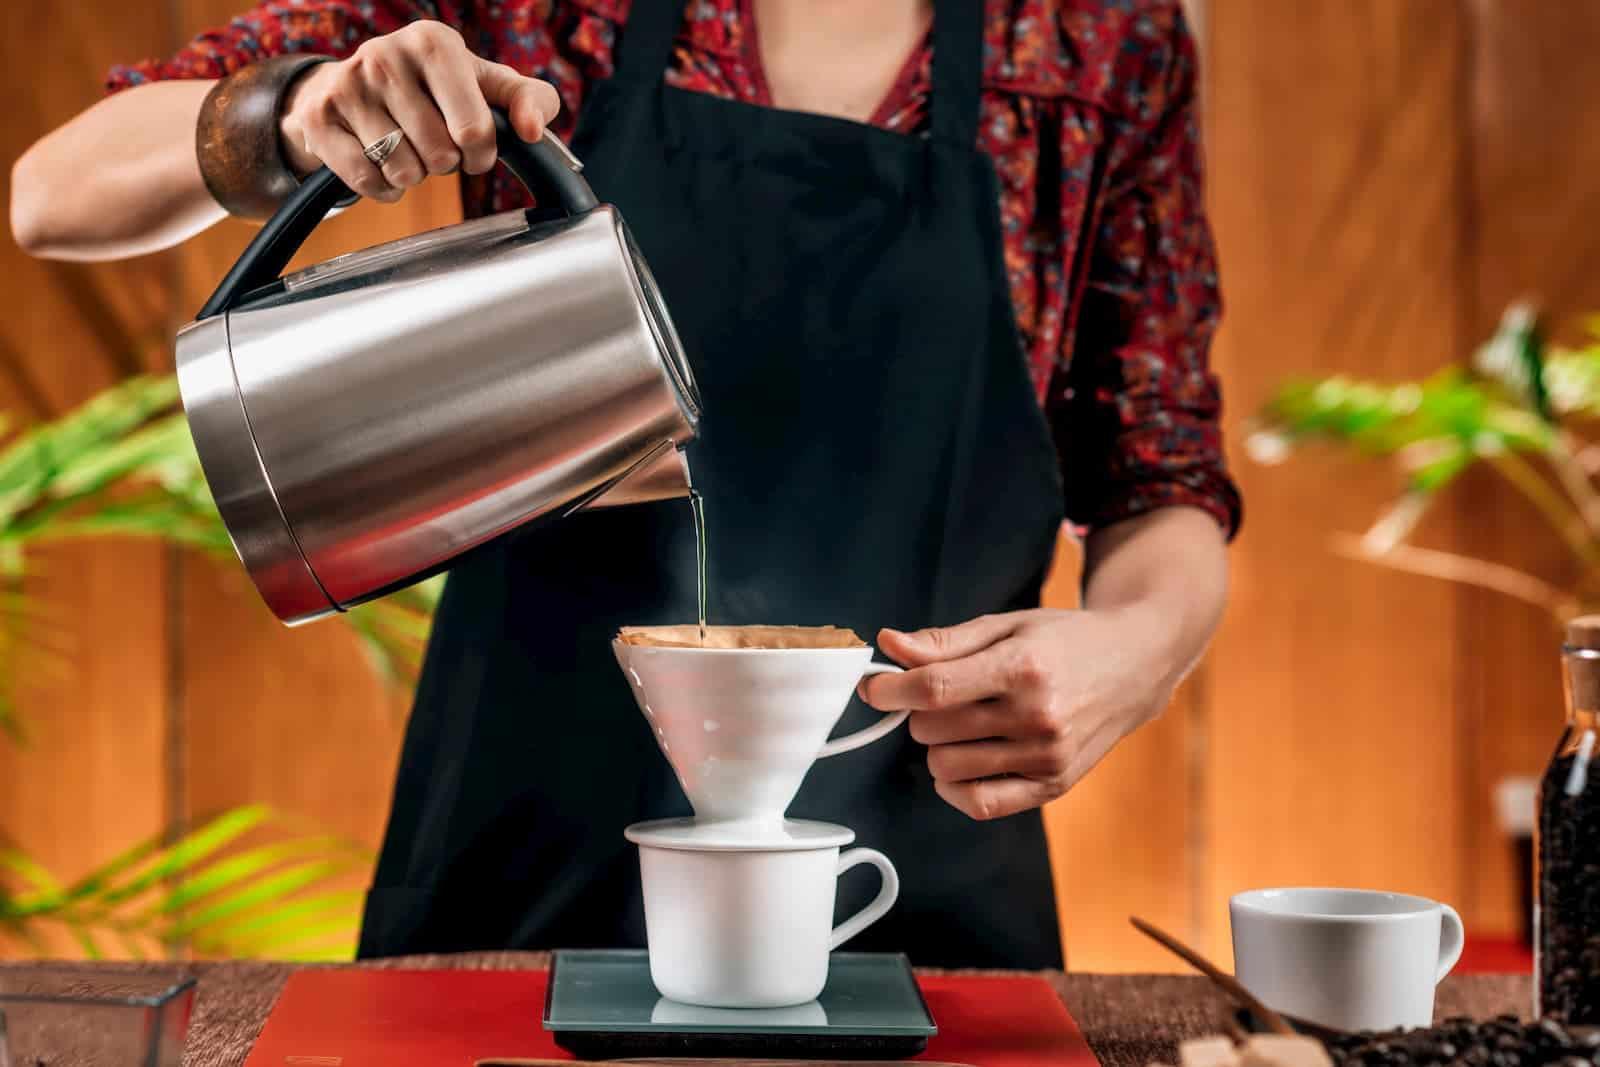 fazendo café por gotejamento